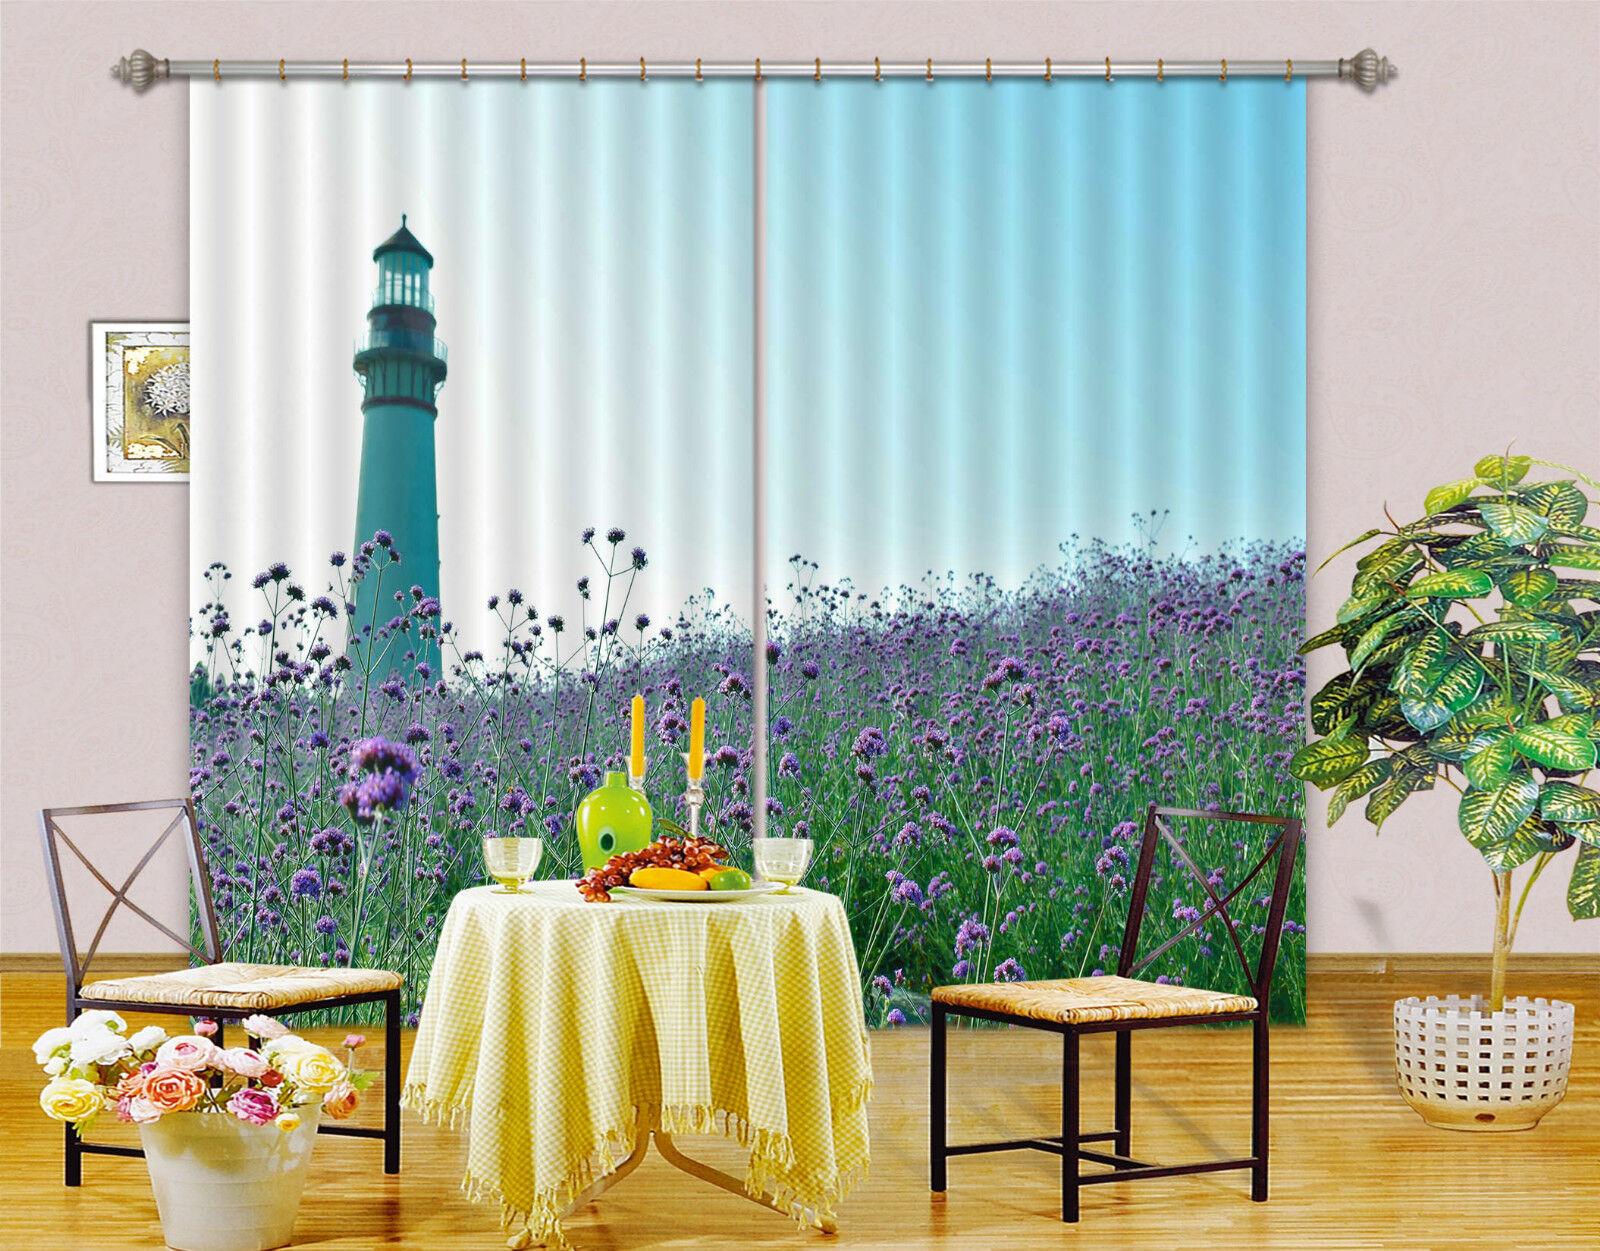 3d leuchtturmes 622 blocco foto sipario pressione sipario tende tessuto finestra de